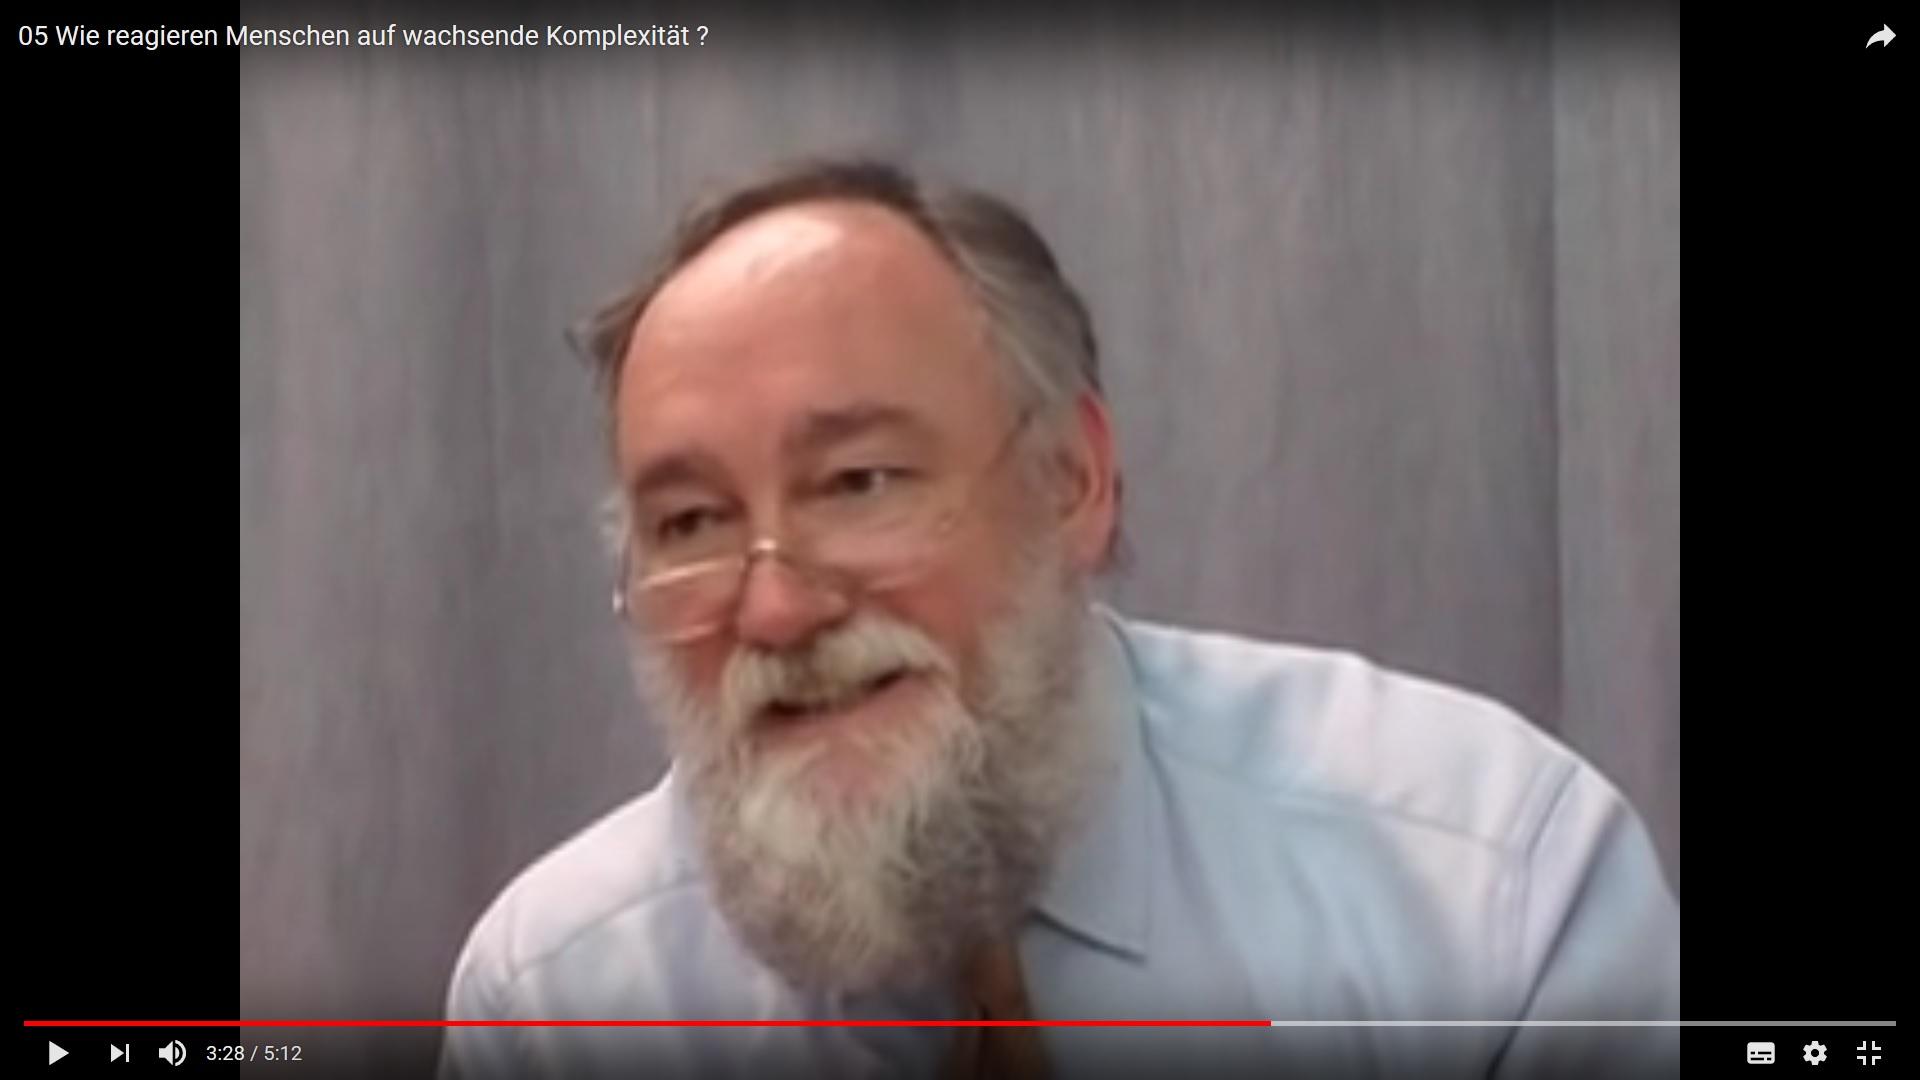 Prof. Peter Kruse über Komplexität